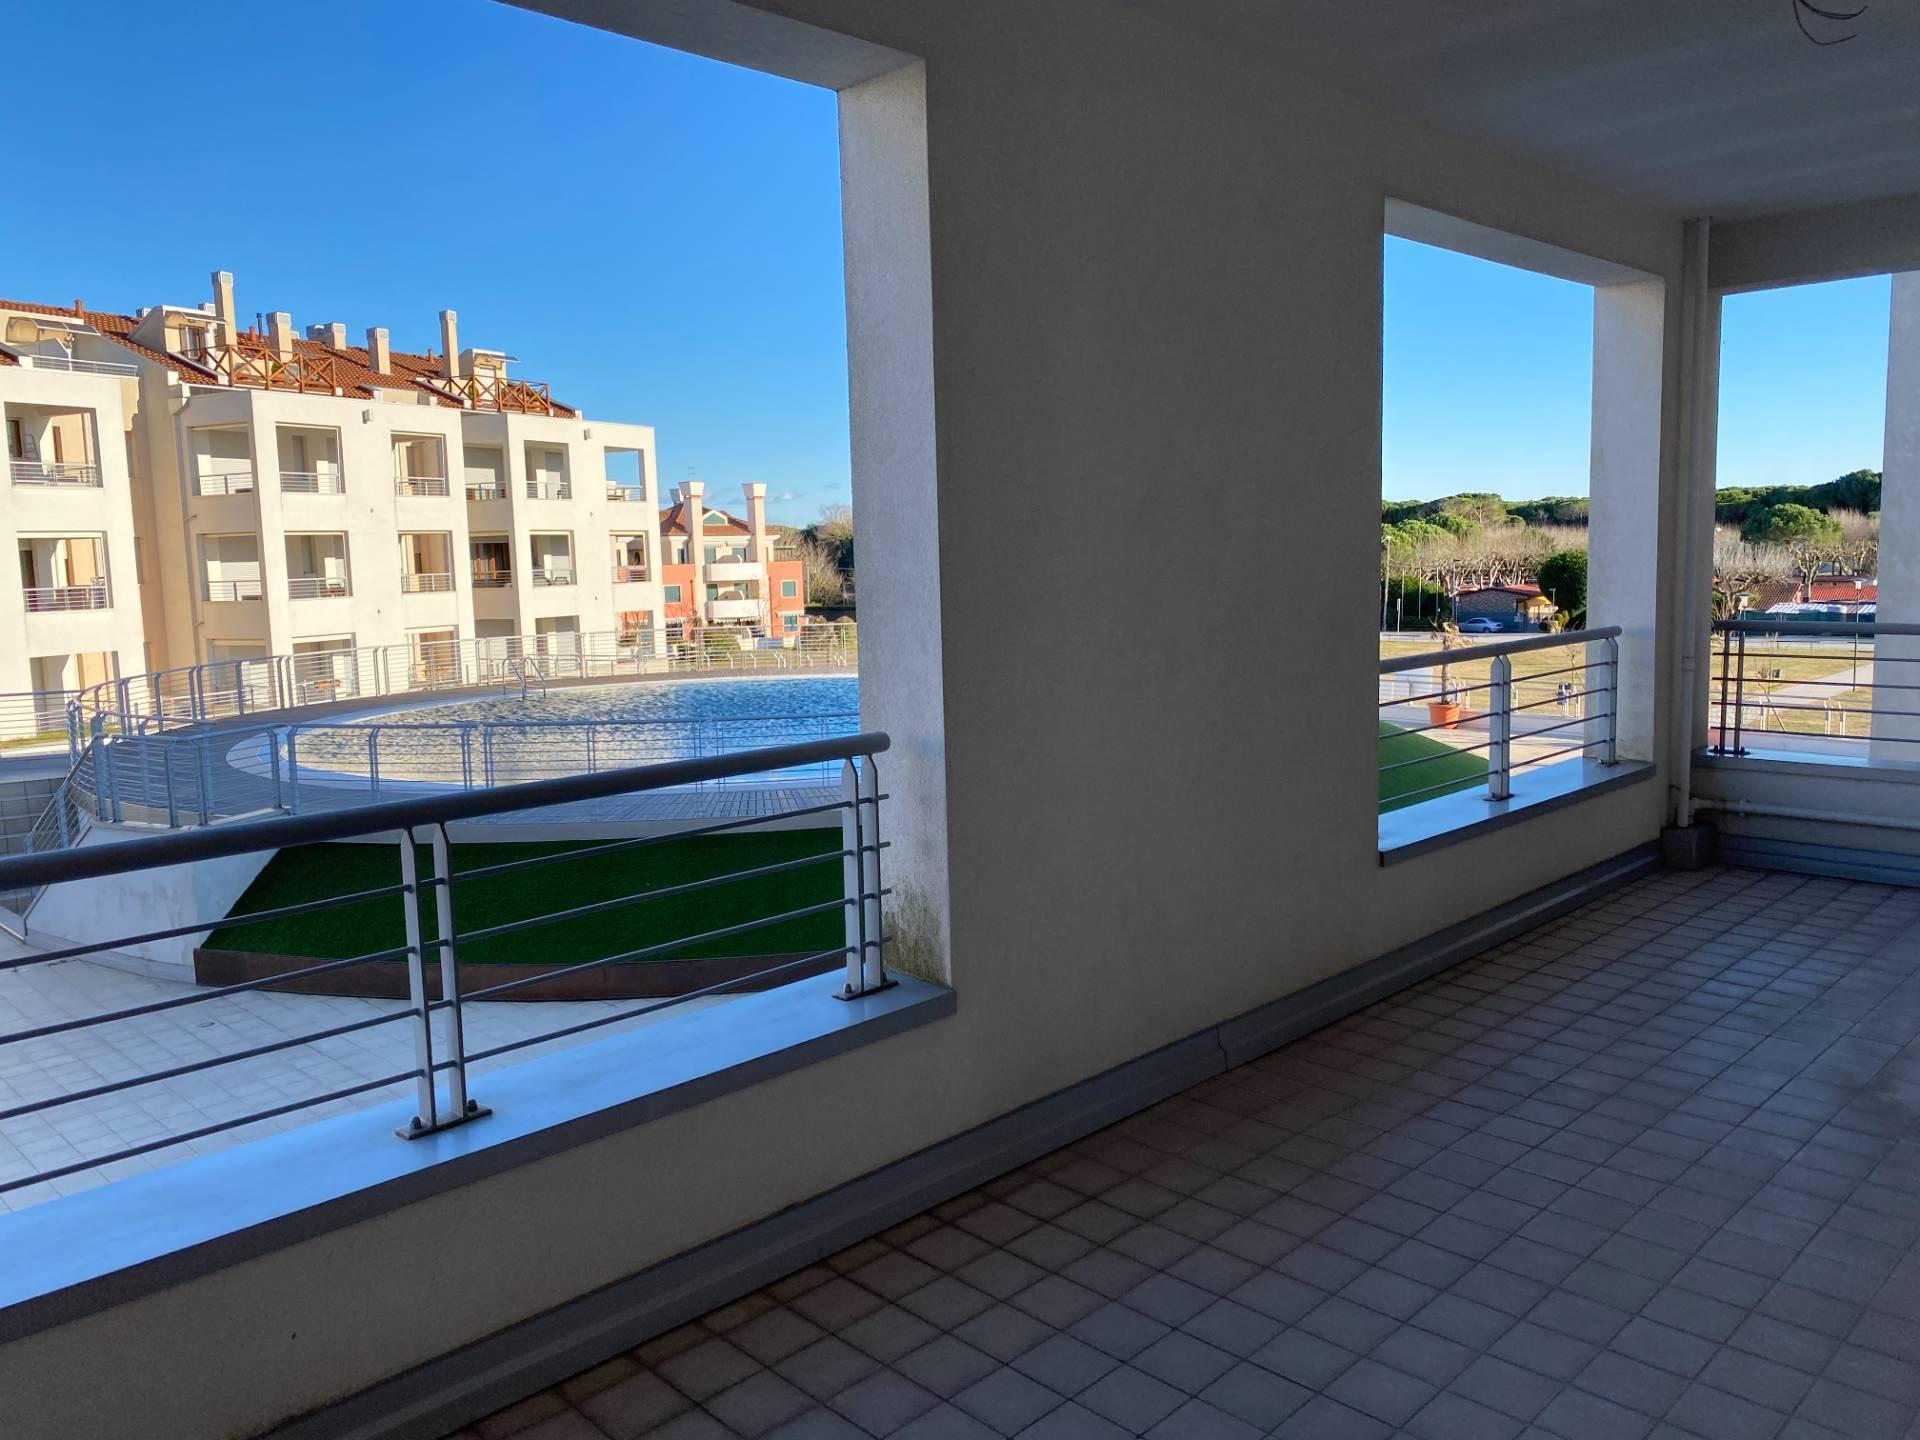 Appartamento in vendita a Cavallino-Treporti, 3 locali, zona Località: CaSavio, prezzo € 148.000 | CambioCasa.it